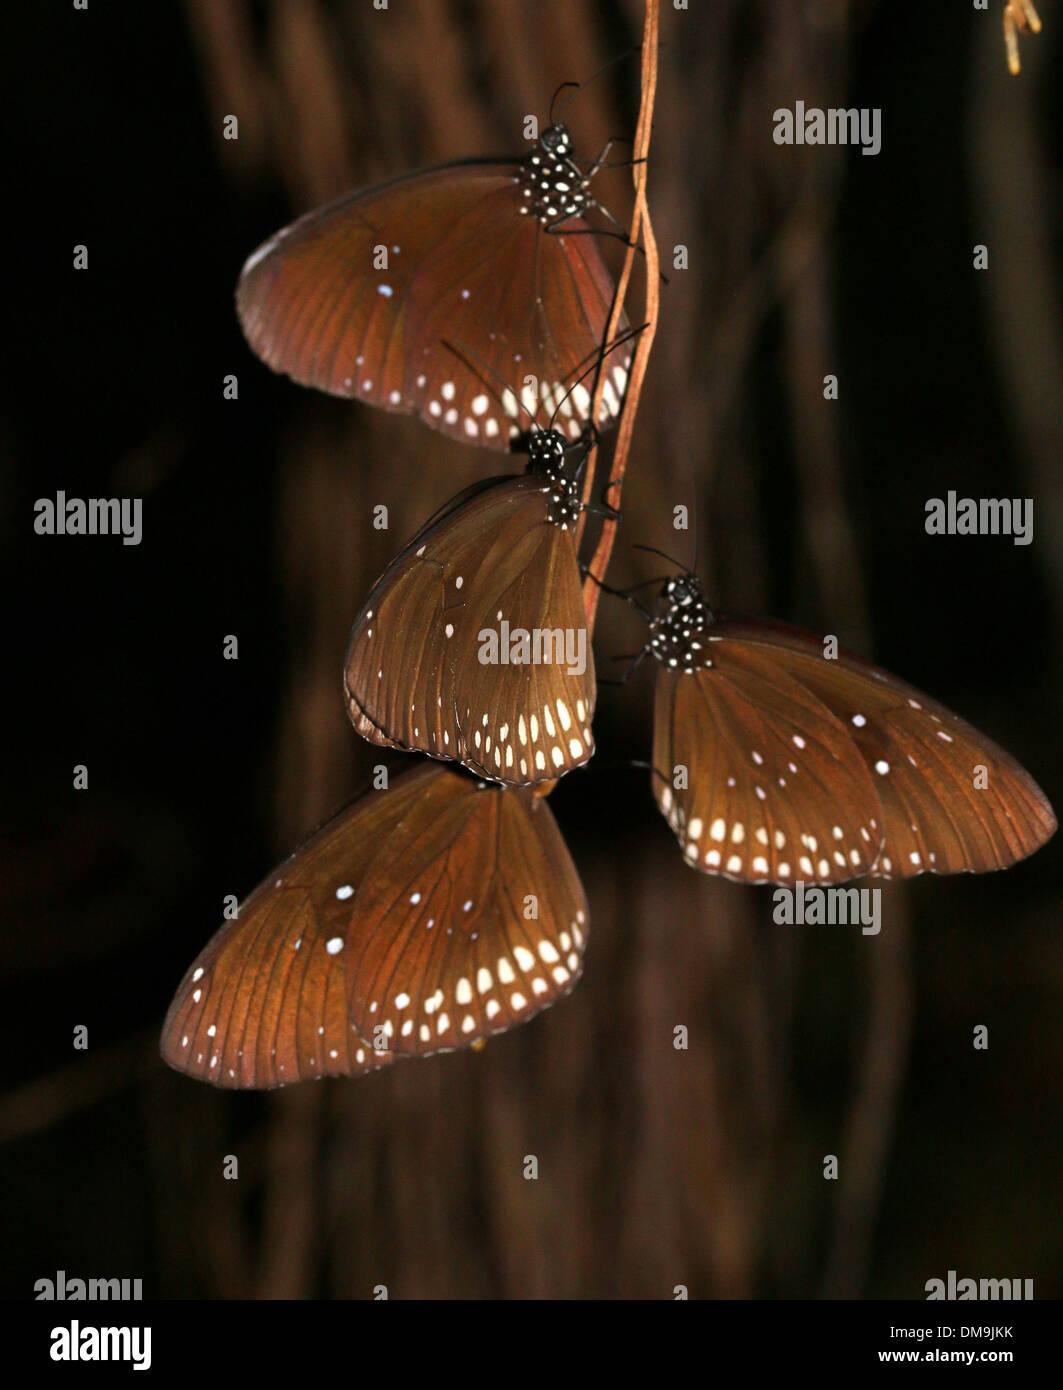 Il gruppo di quattro comuni di Crow farfalle (Euploea core) dormire e il riposo durante la notte Immagini Stock